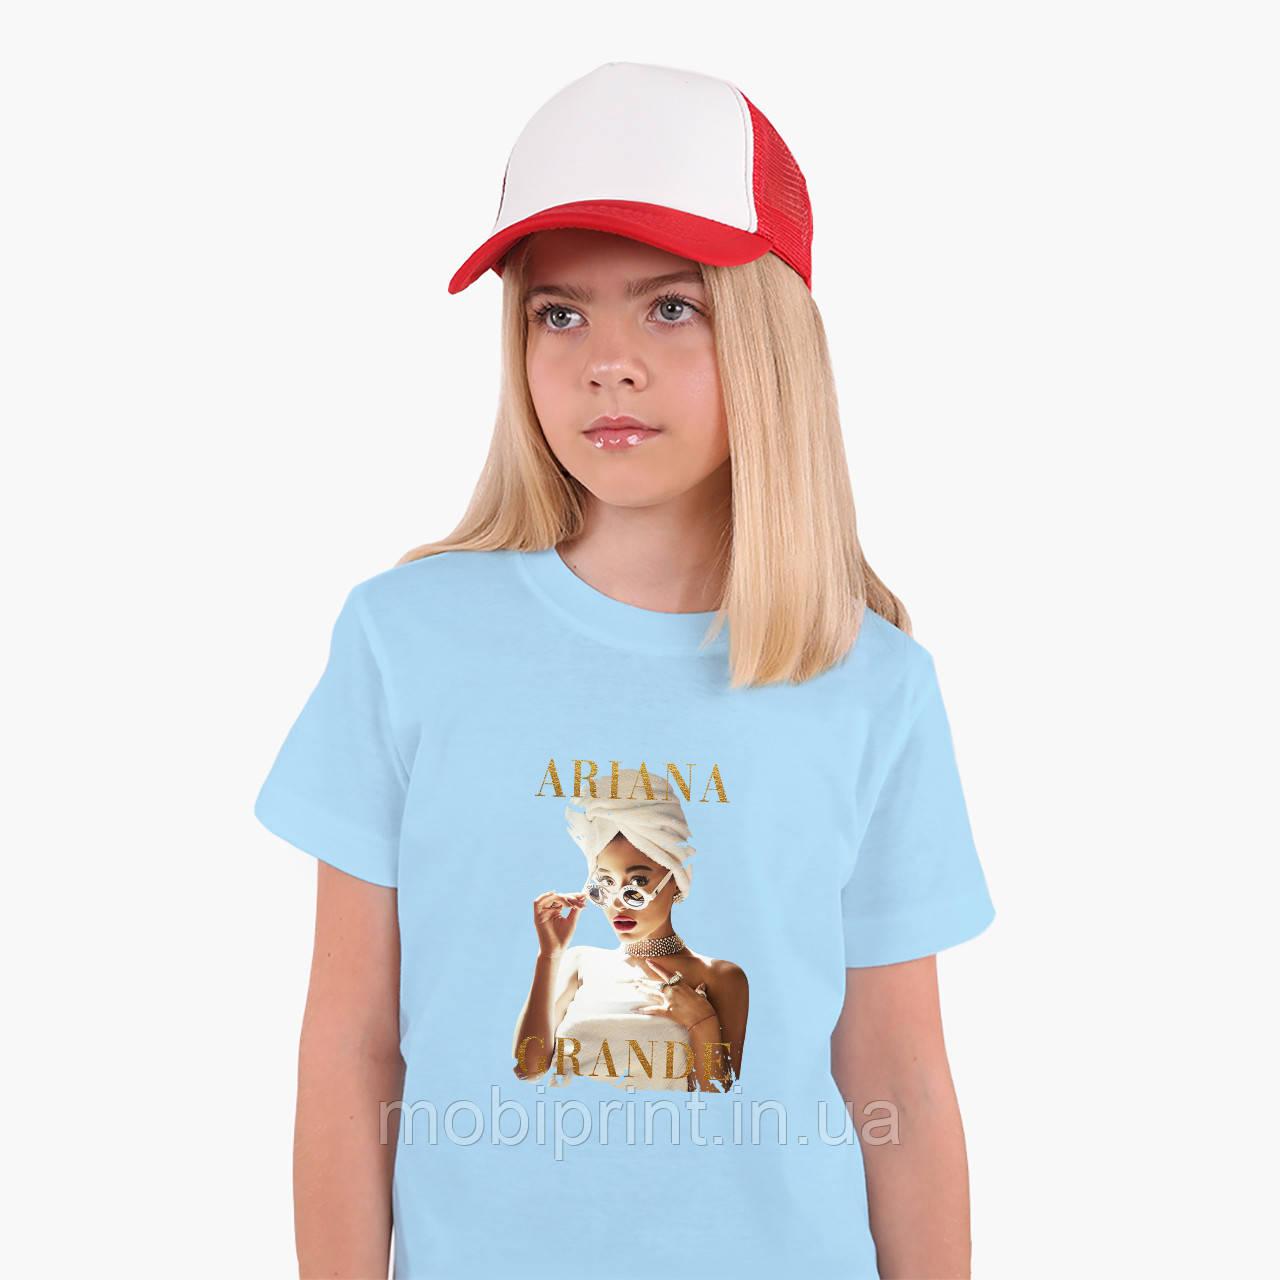 Детская футболка для девочек Ариана Гранде (Ariana Grande) (25186-1623) Голубой